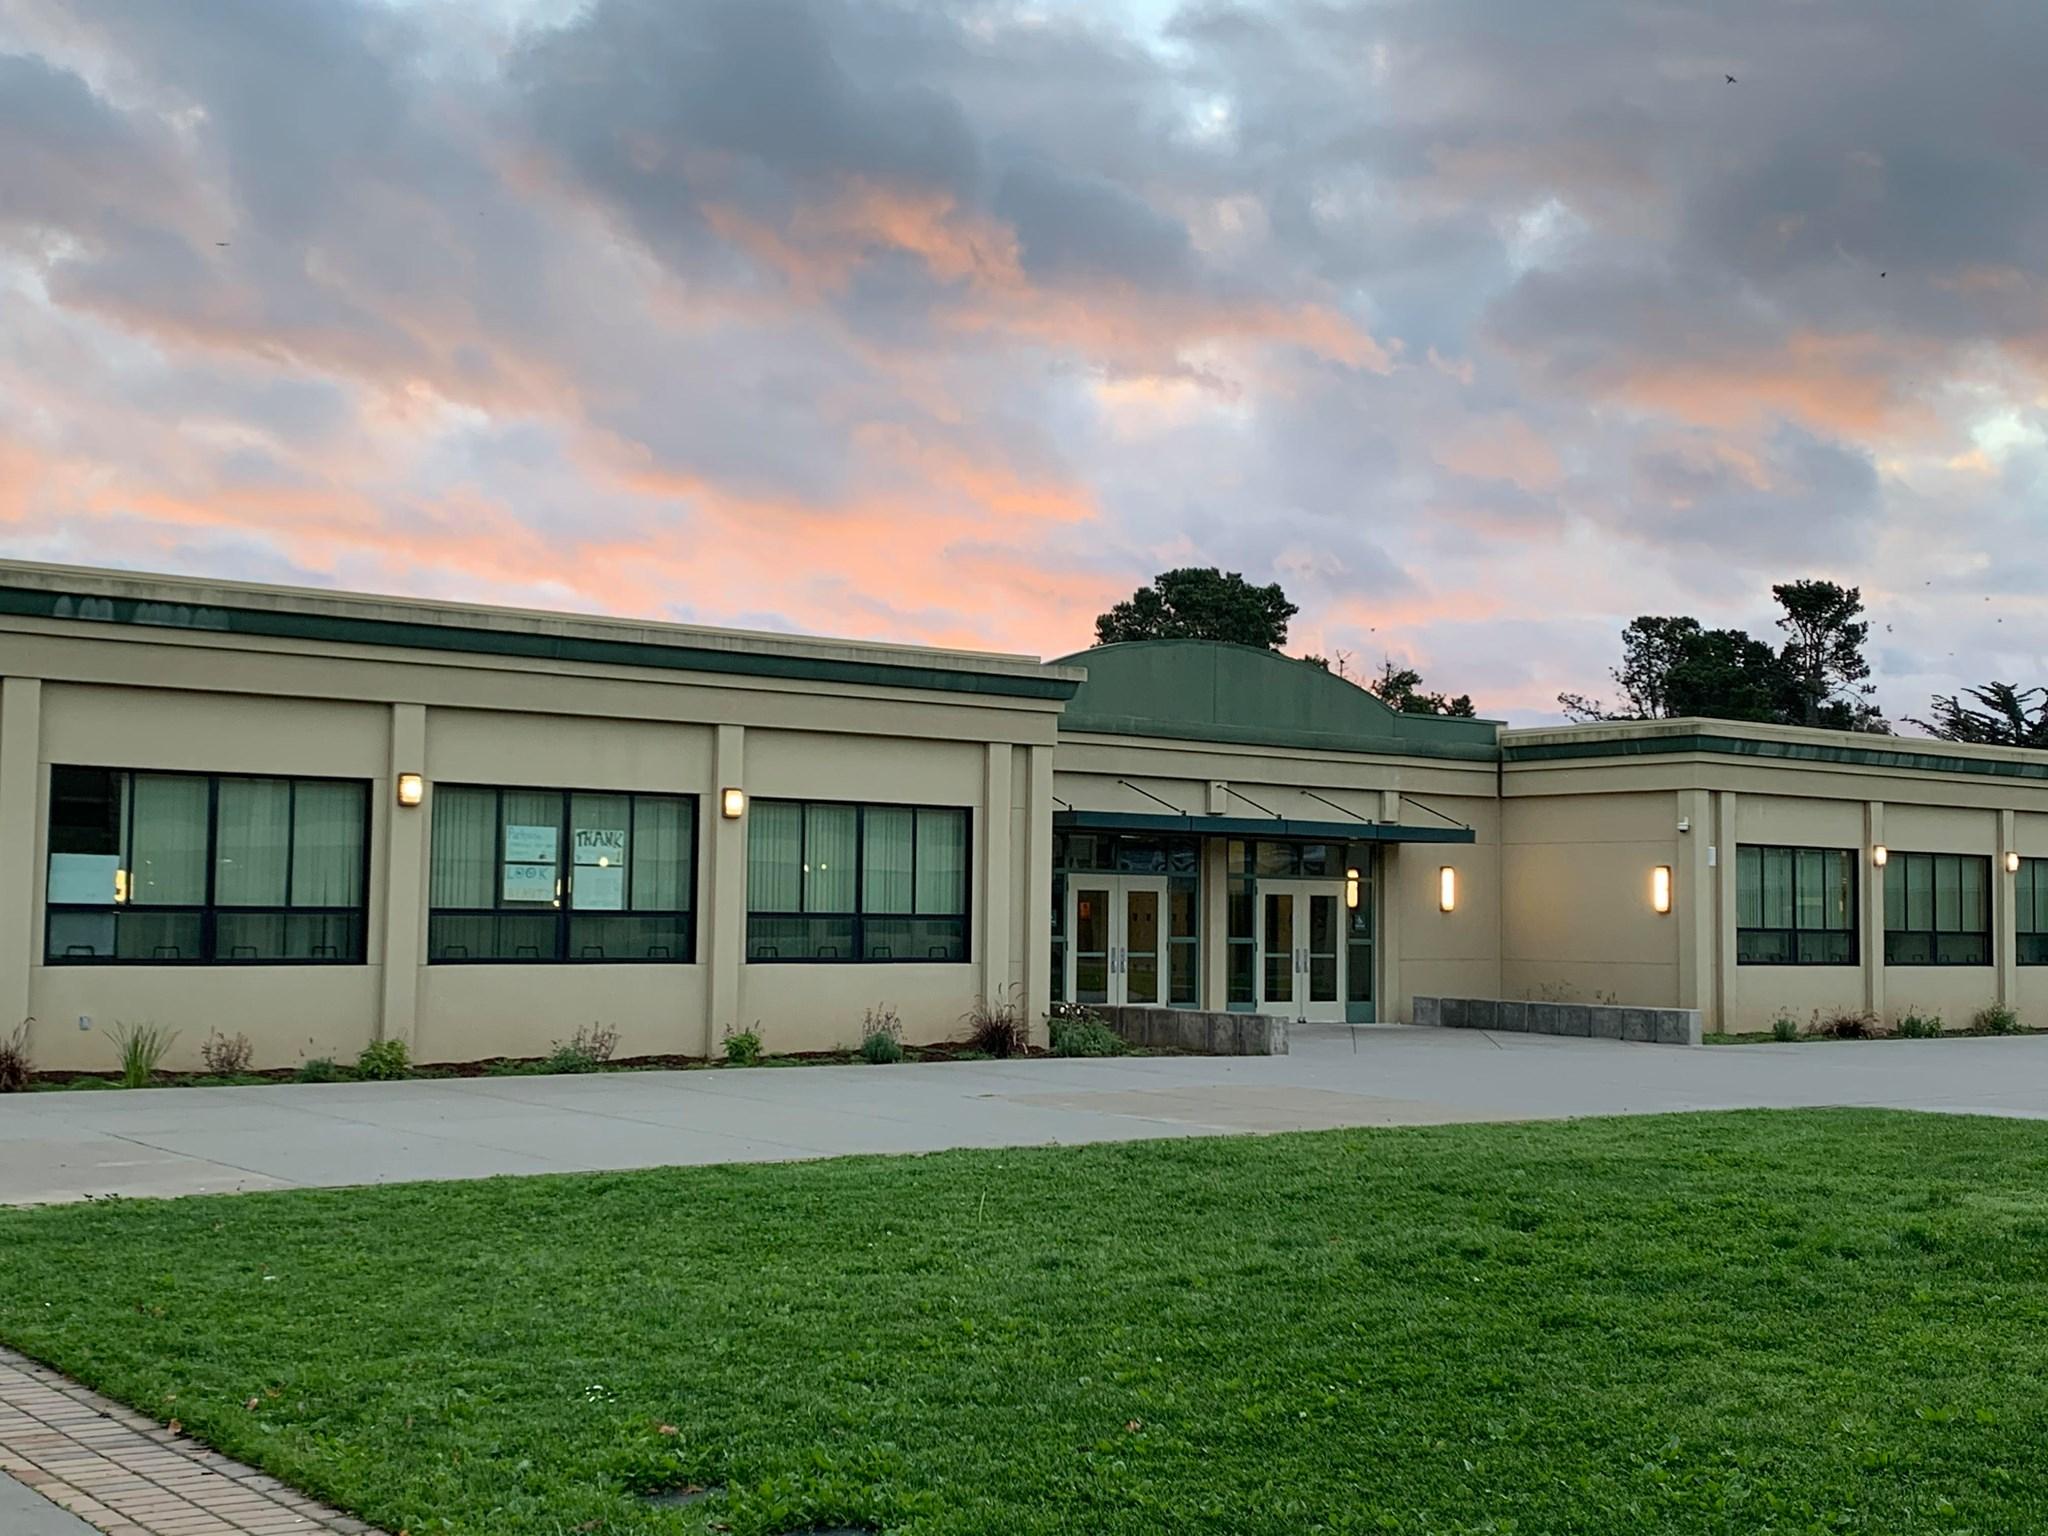 parkside intermediate school